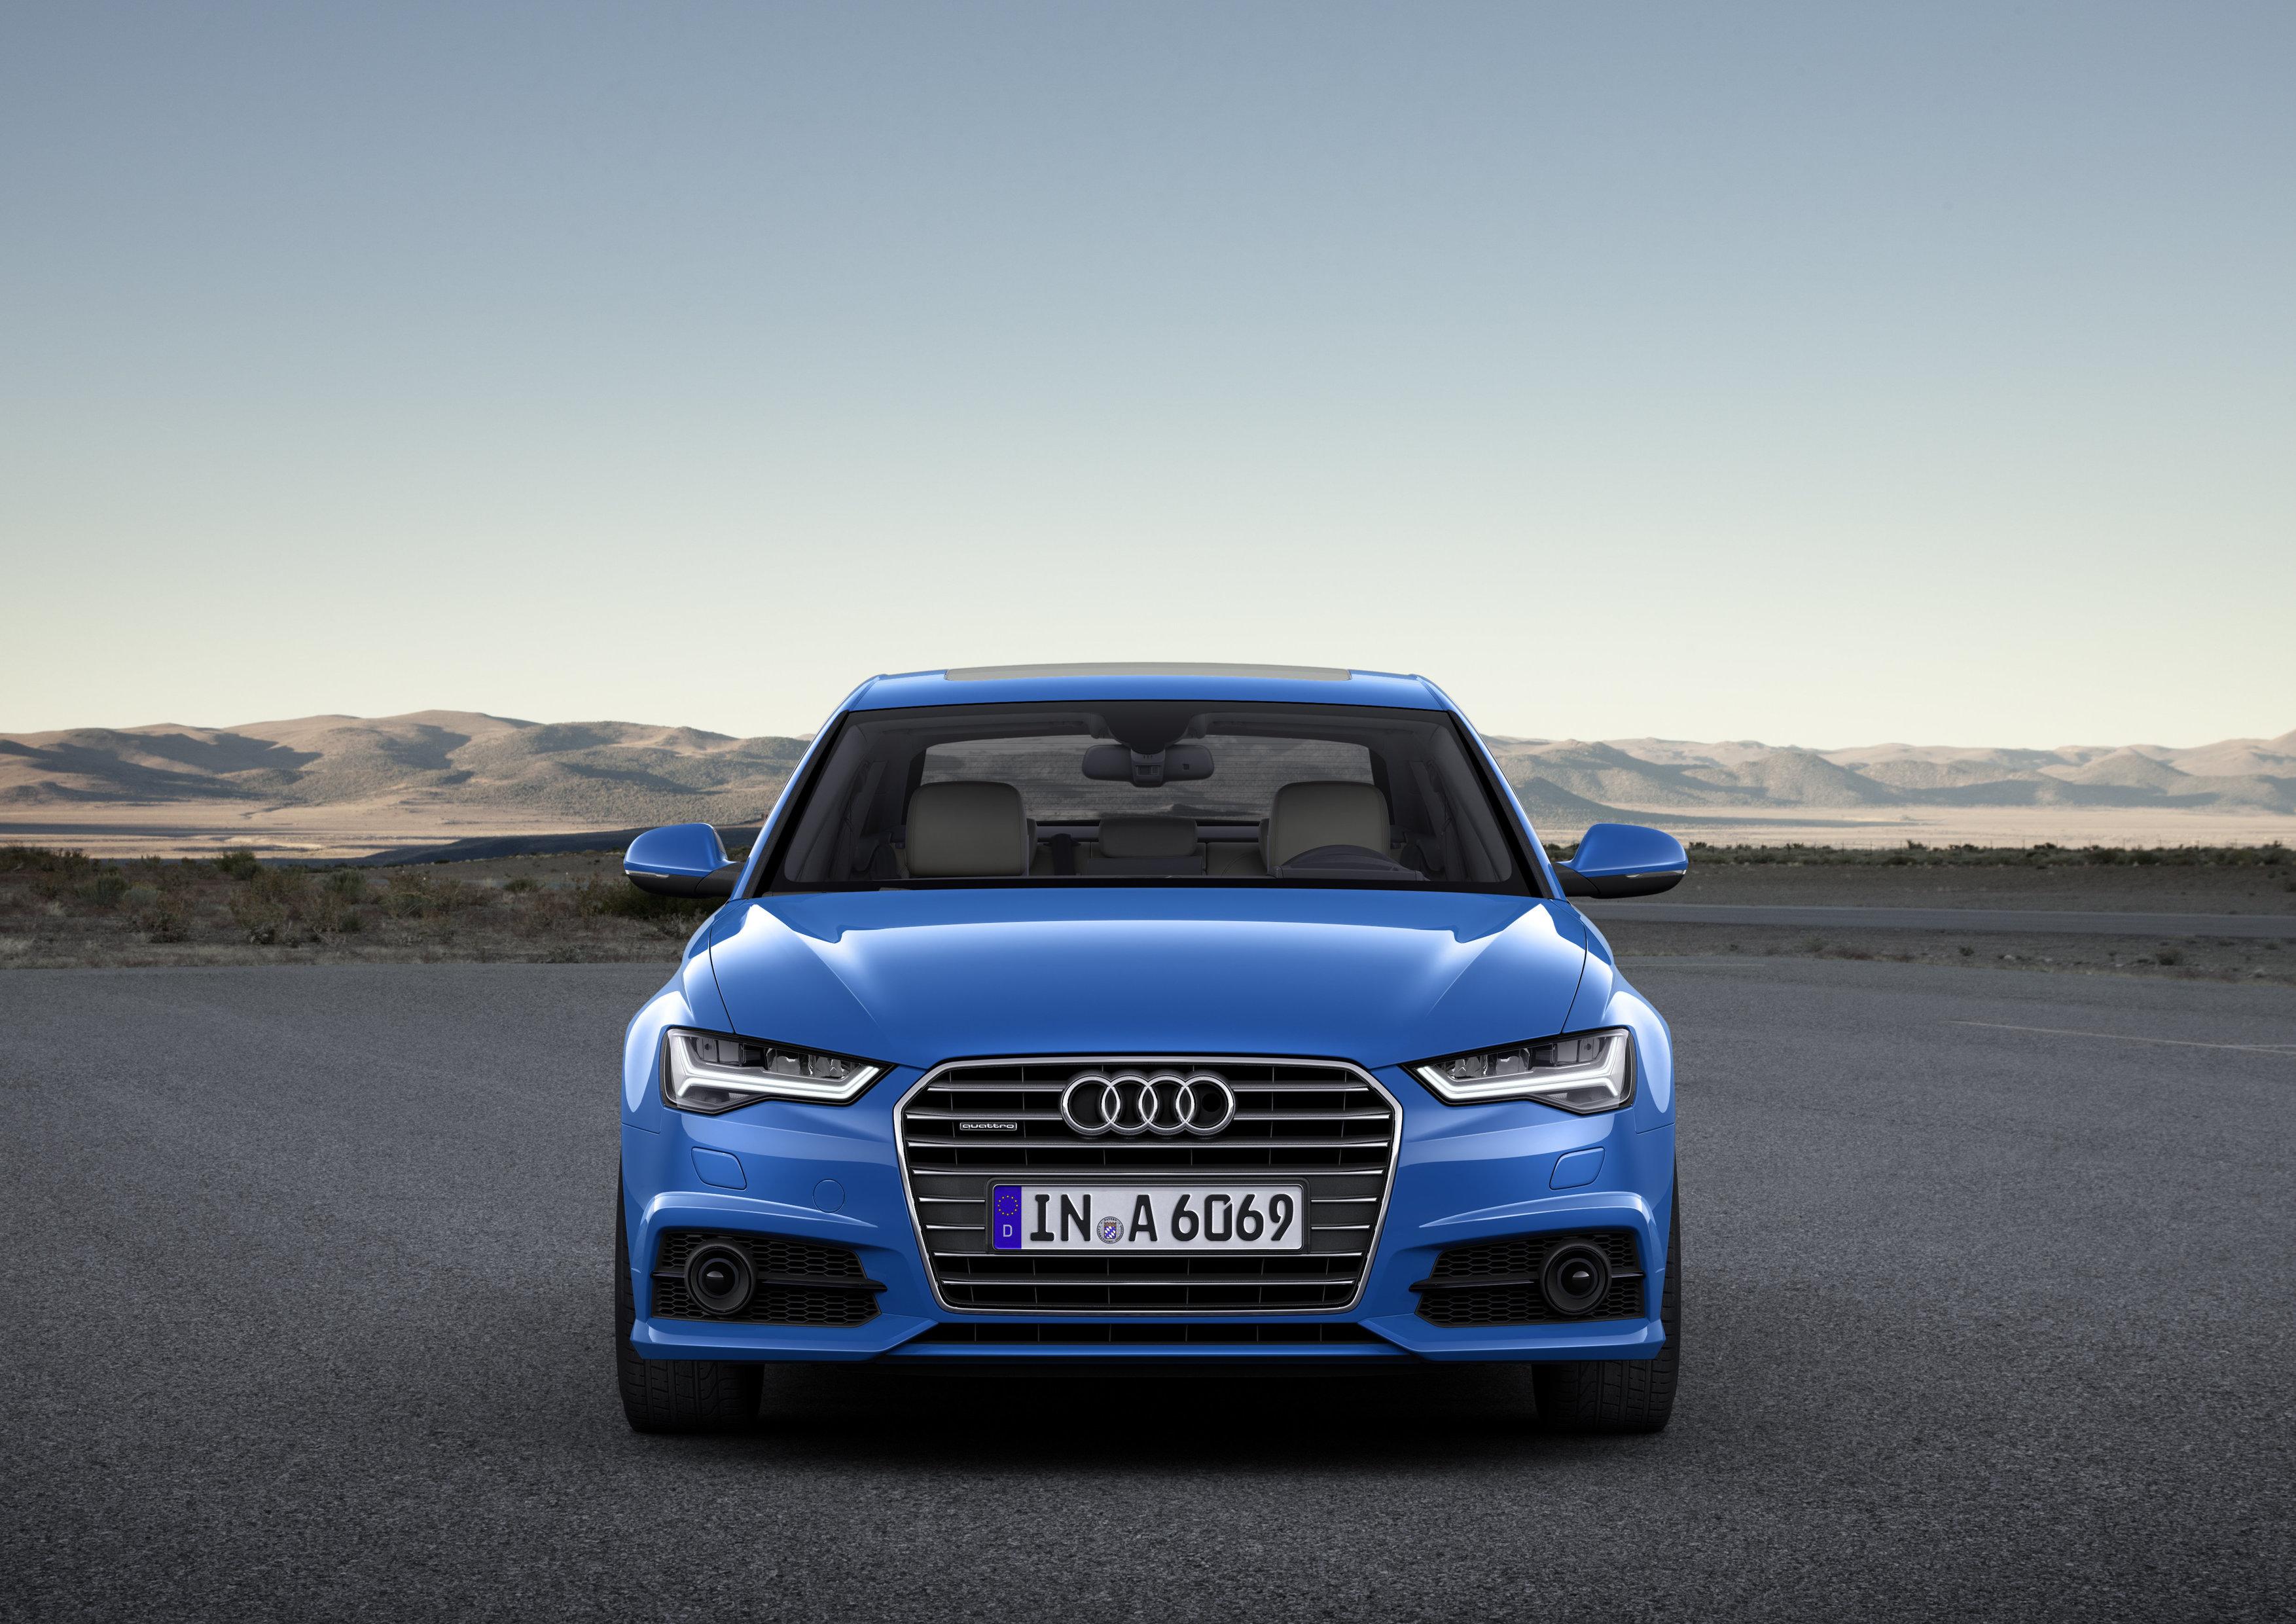 Audi Announces Us Spec Competition Models A6 Starts At 67 600 Autoevolution